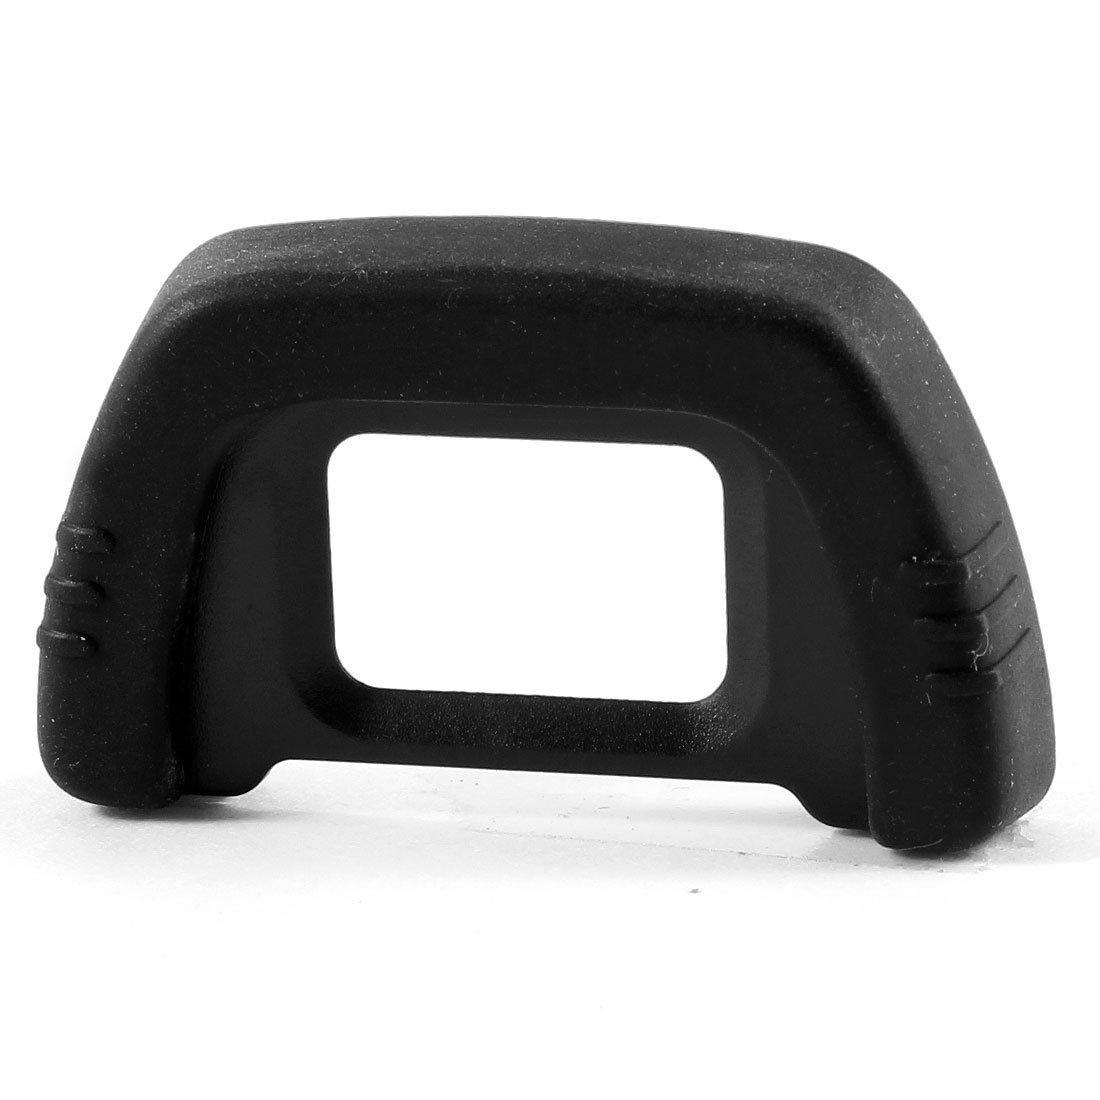 Viltrox de goma de repuesto DK-21 Copa ocular para Nikon D750 ...